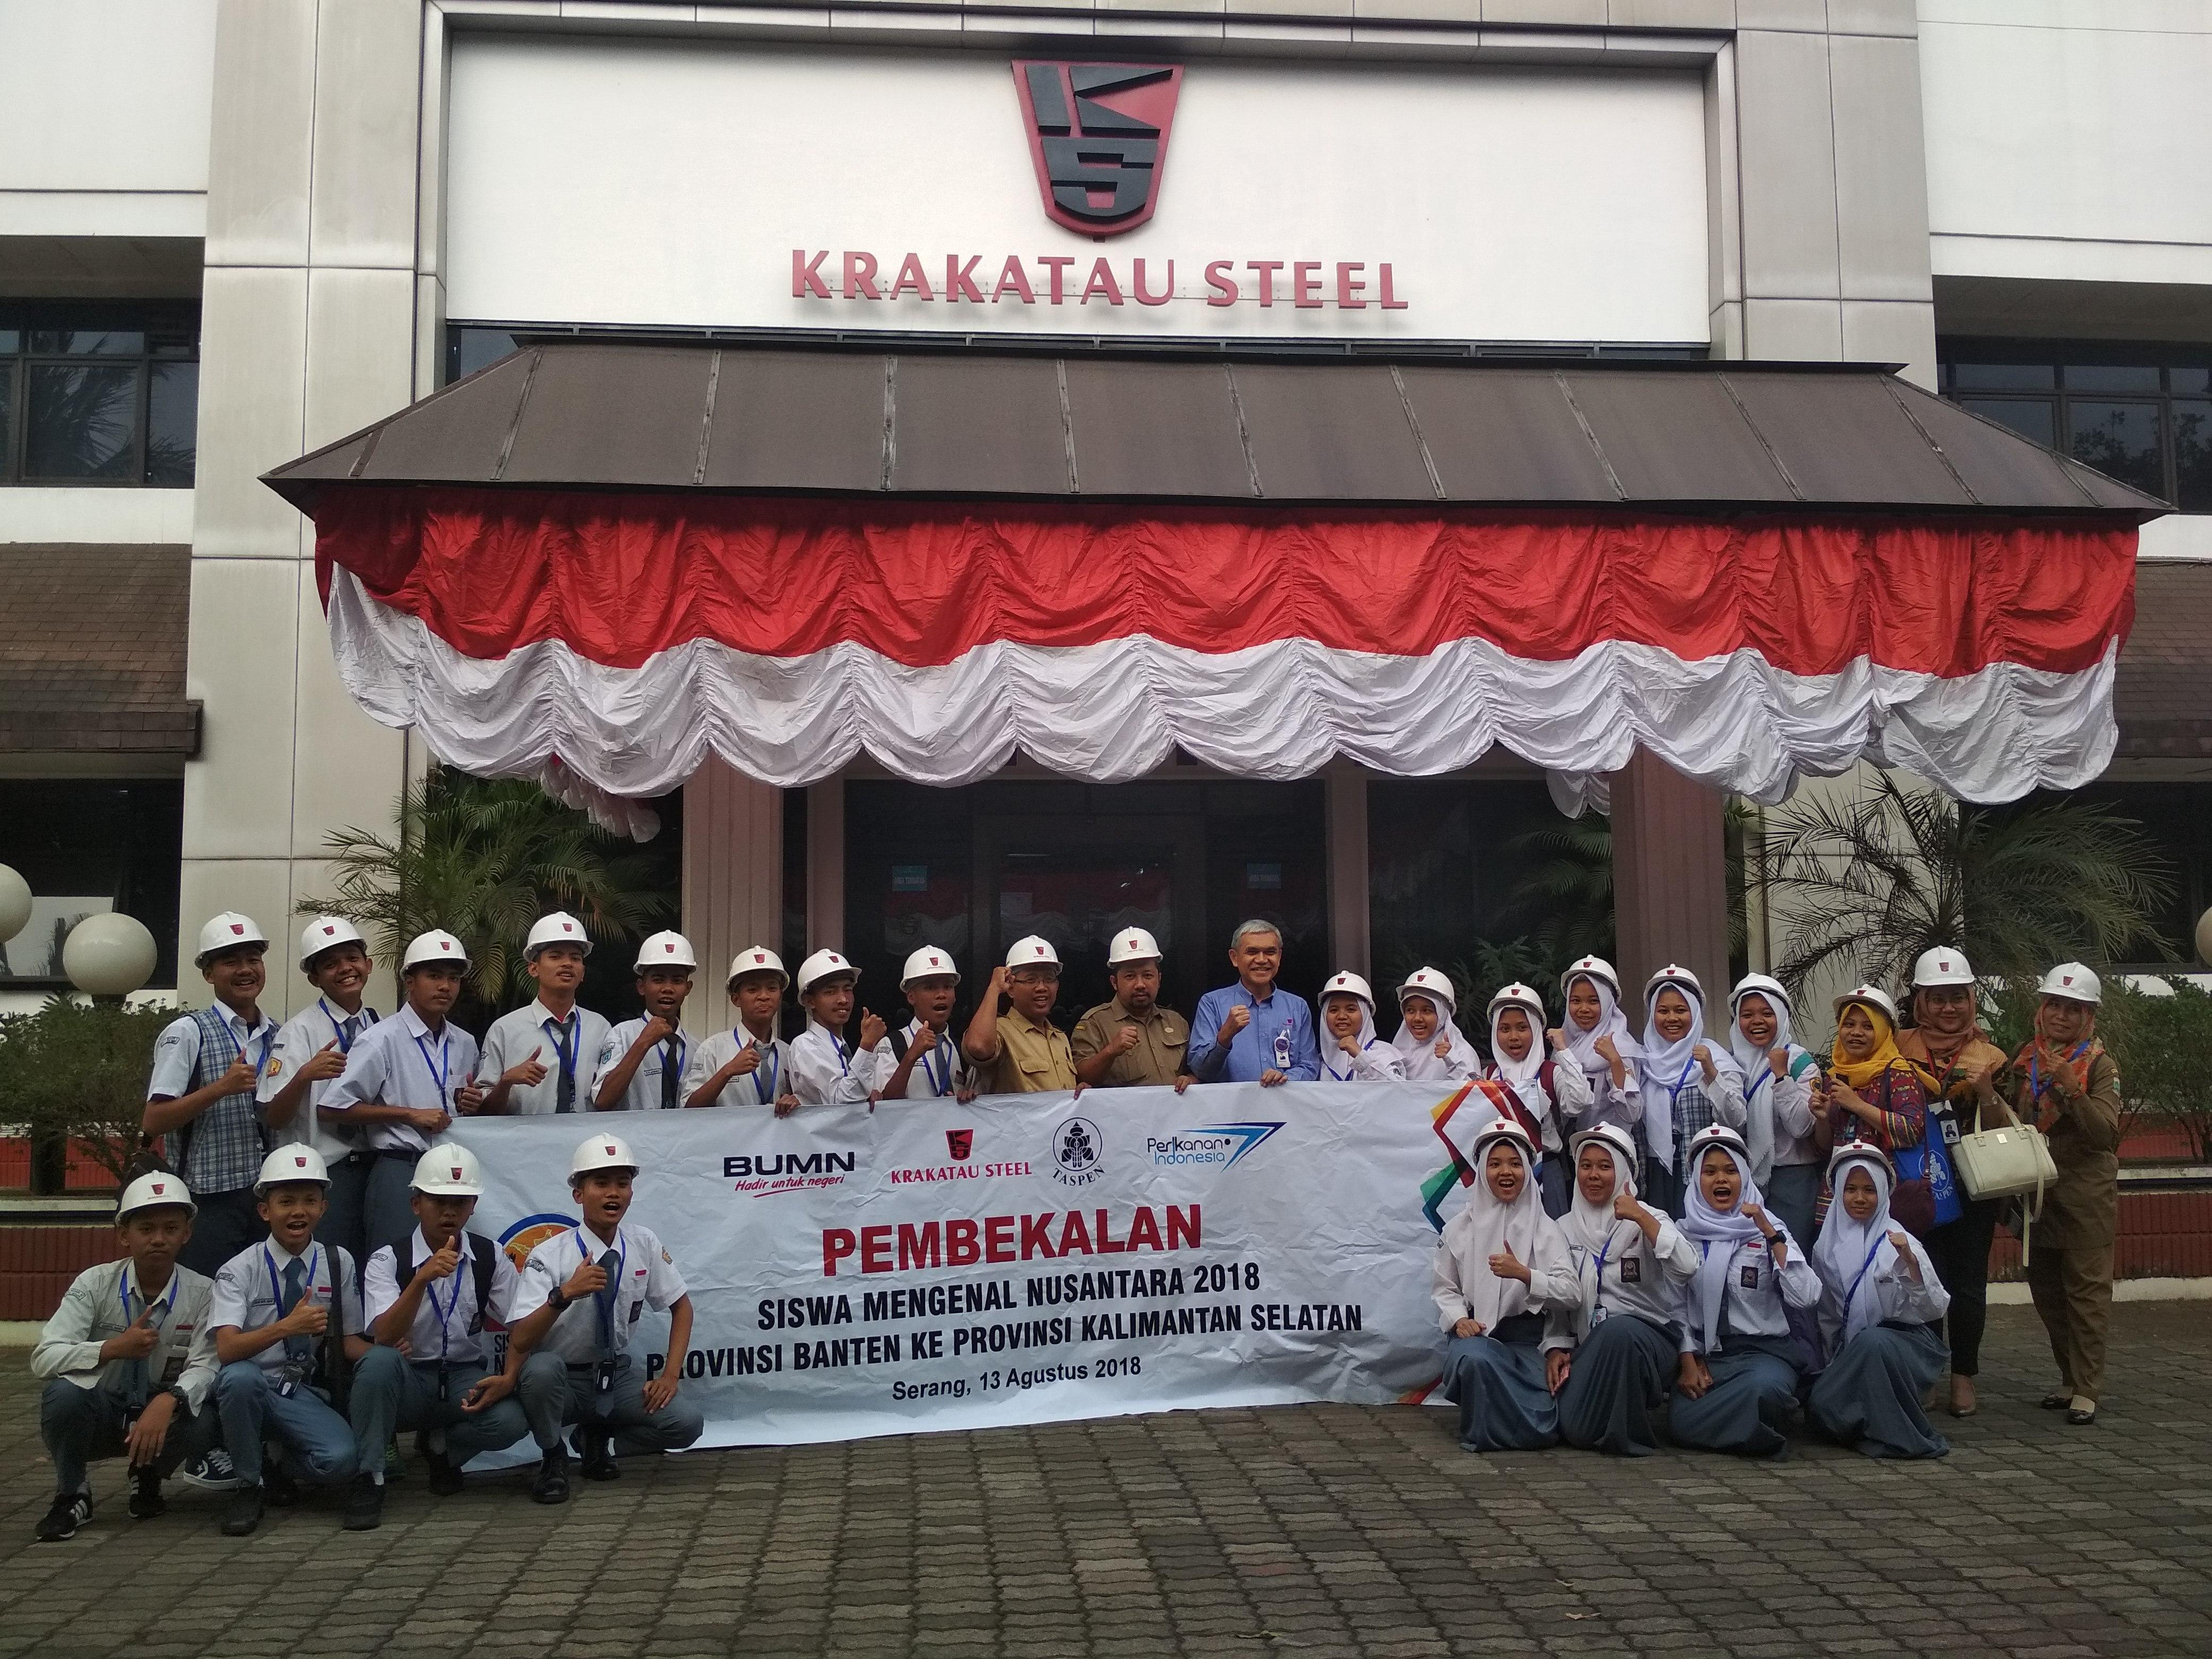 Delegasi Siswa Mengenal Nusantara Banten Diajak Keliling Pabrik Baja